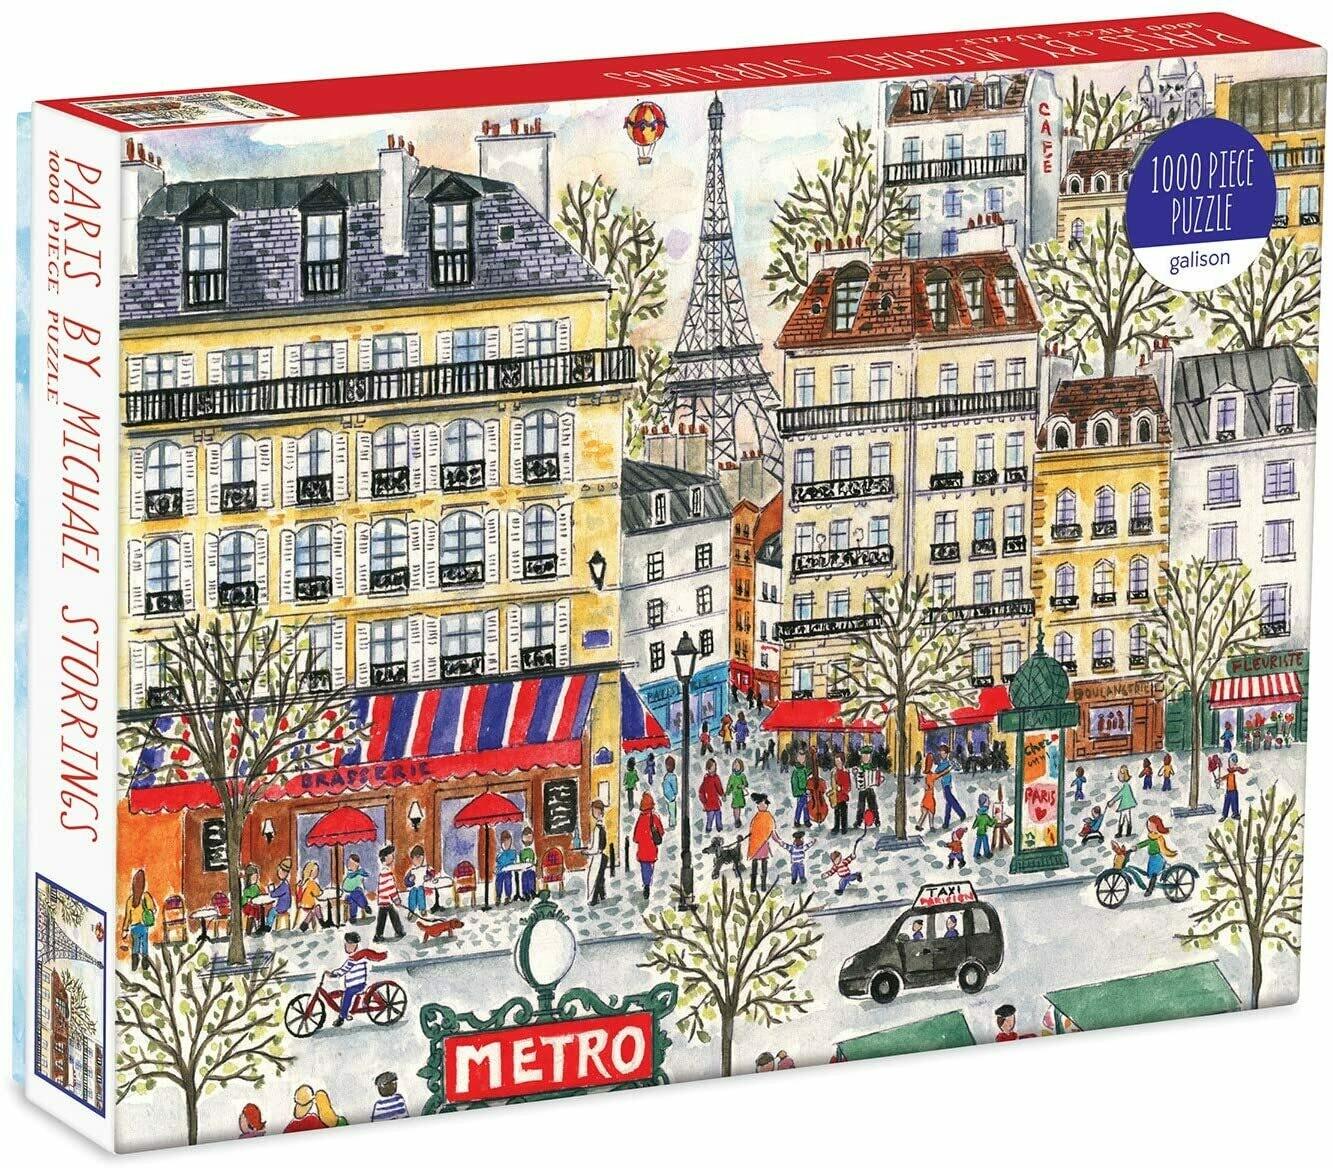 Paris by Michael Storrings - Puzzle